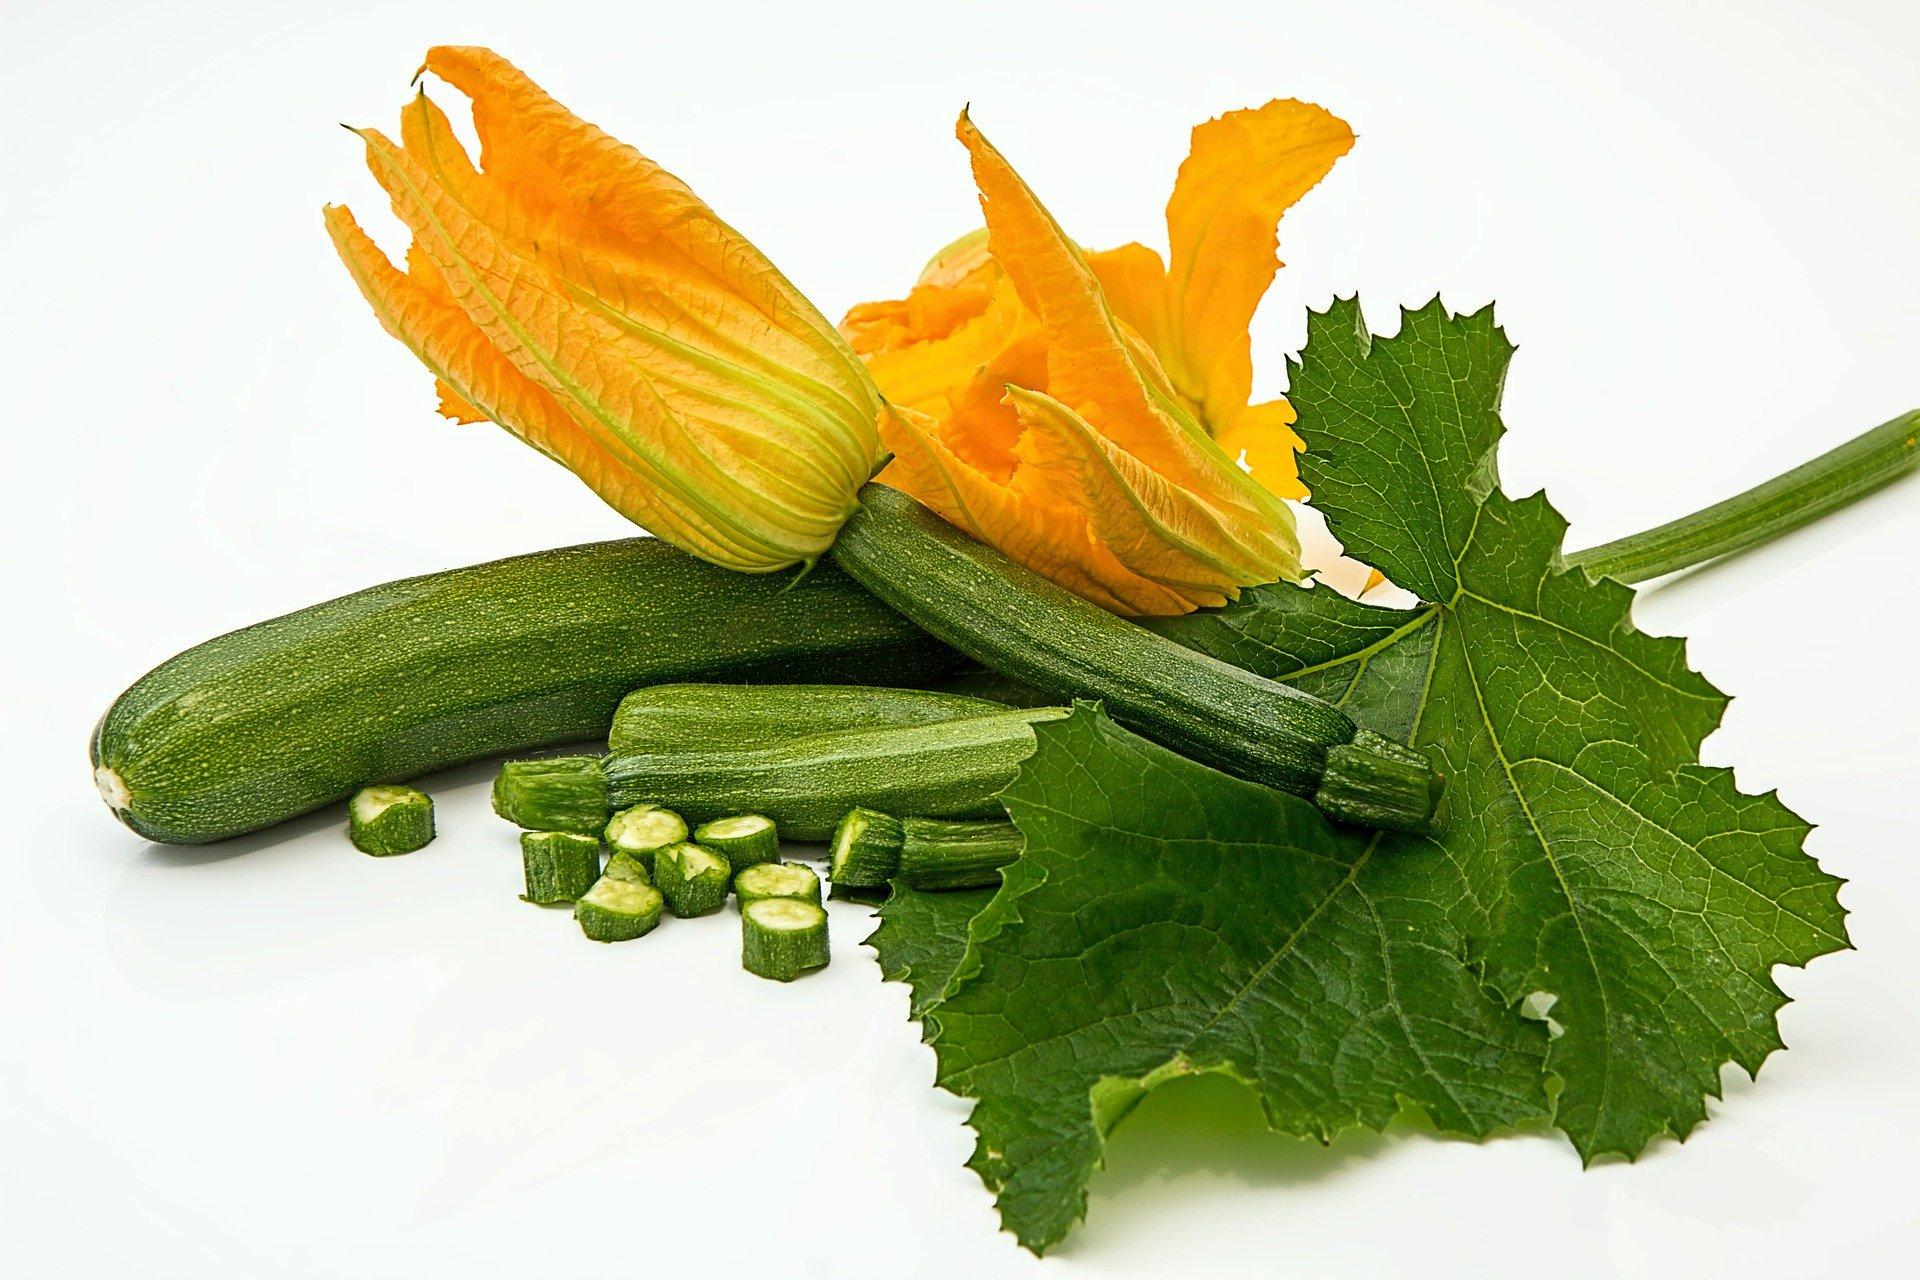 Zucchini mit Blüte